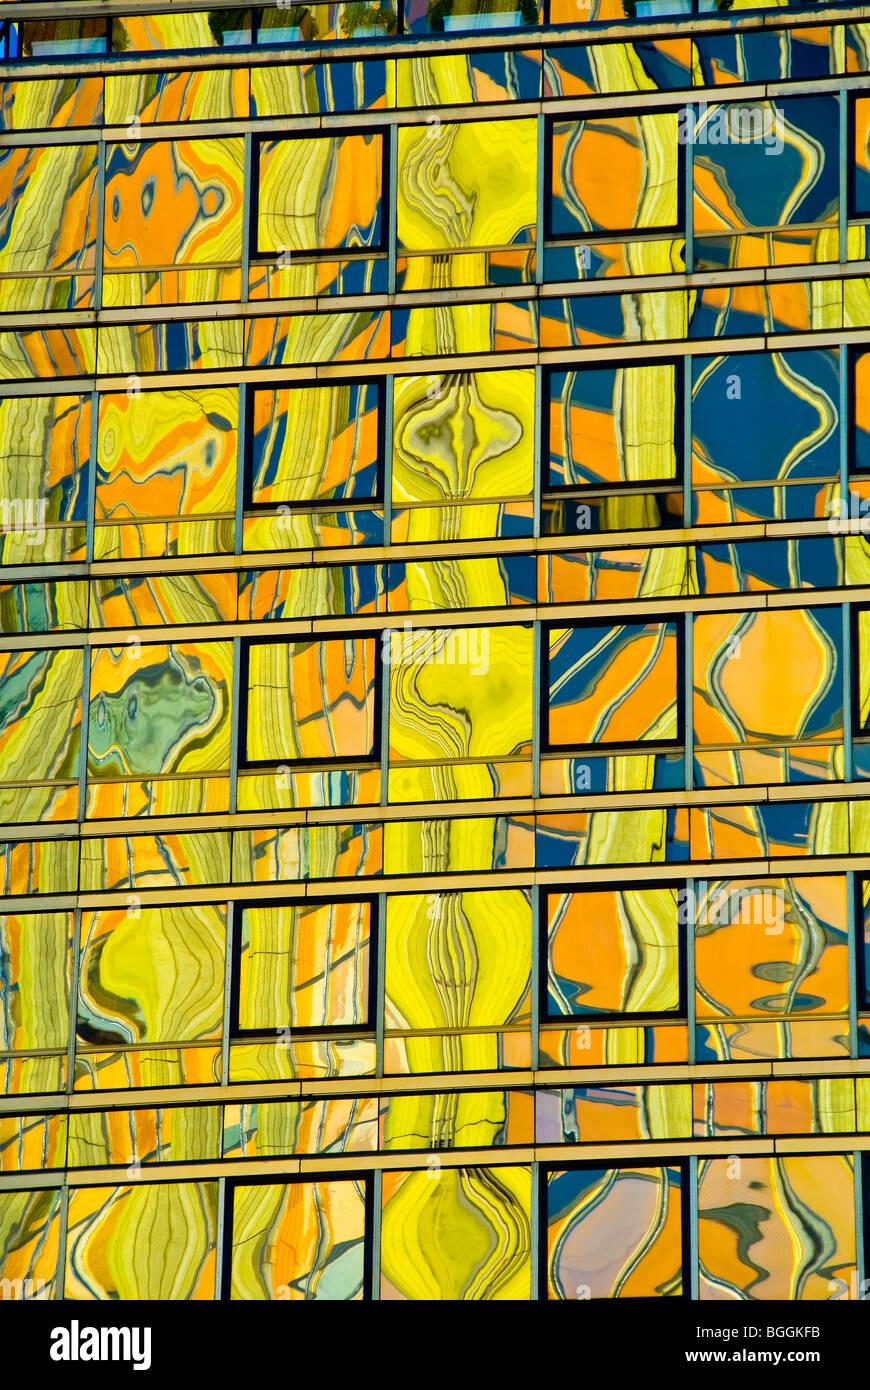 Farbige Reflexe in der Glasoberfläche eines Hochhauses in Buenos Aires, Argentinien Stockfoto